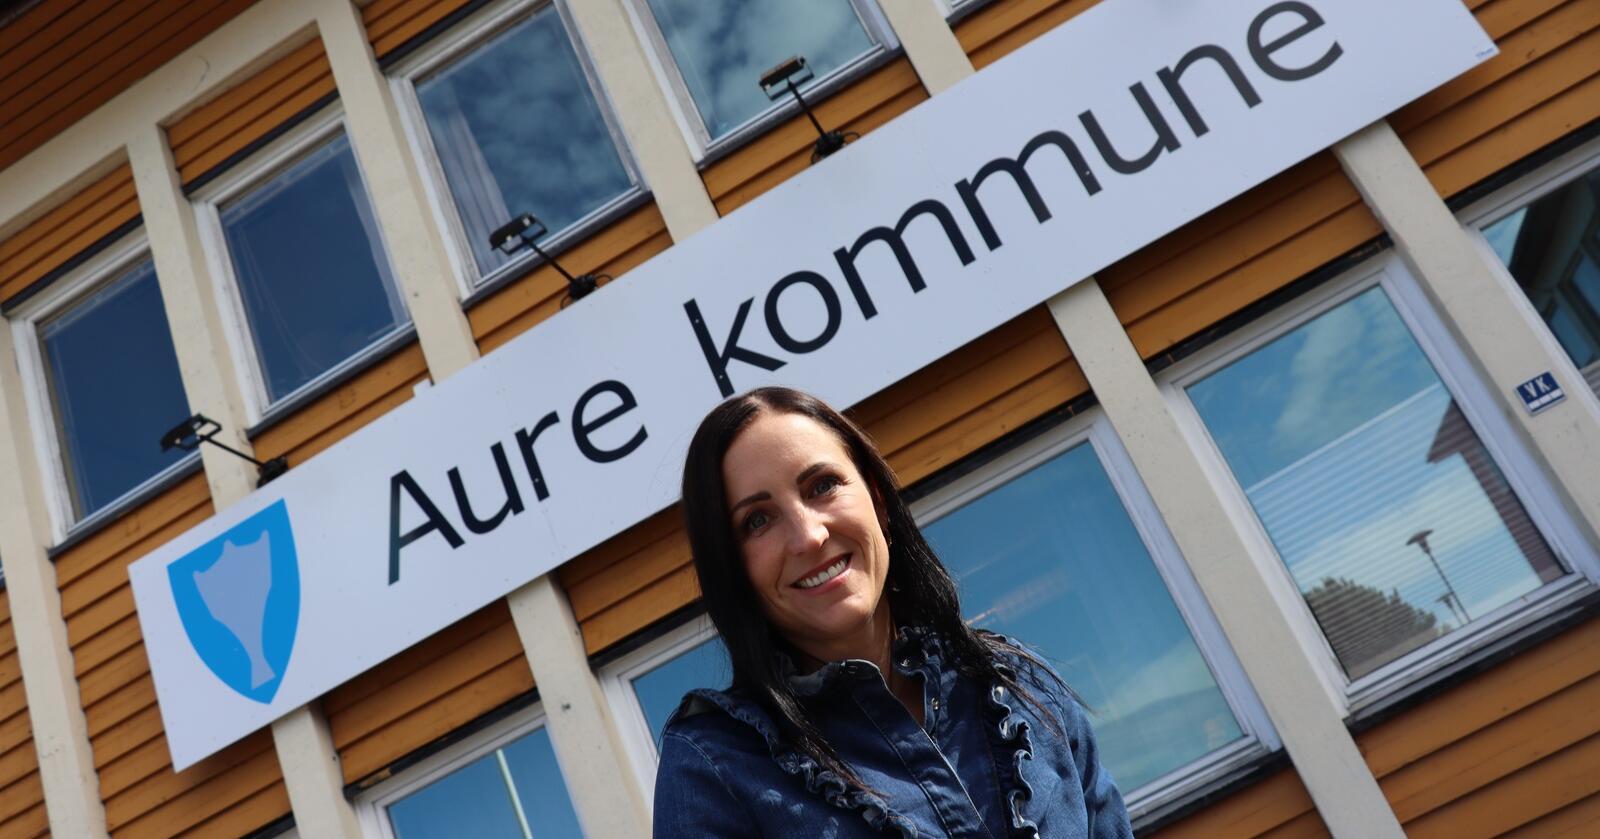 Aure-ordførar Hanne Berit Brekken (Ap) har fått beskjed frå innbyggjarane om at dei vil bli i Møre og Romsdal. Foto: Janne Grete Aspen